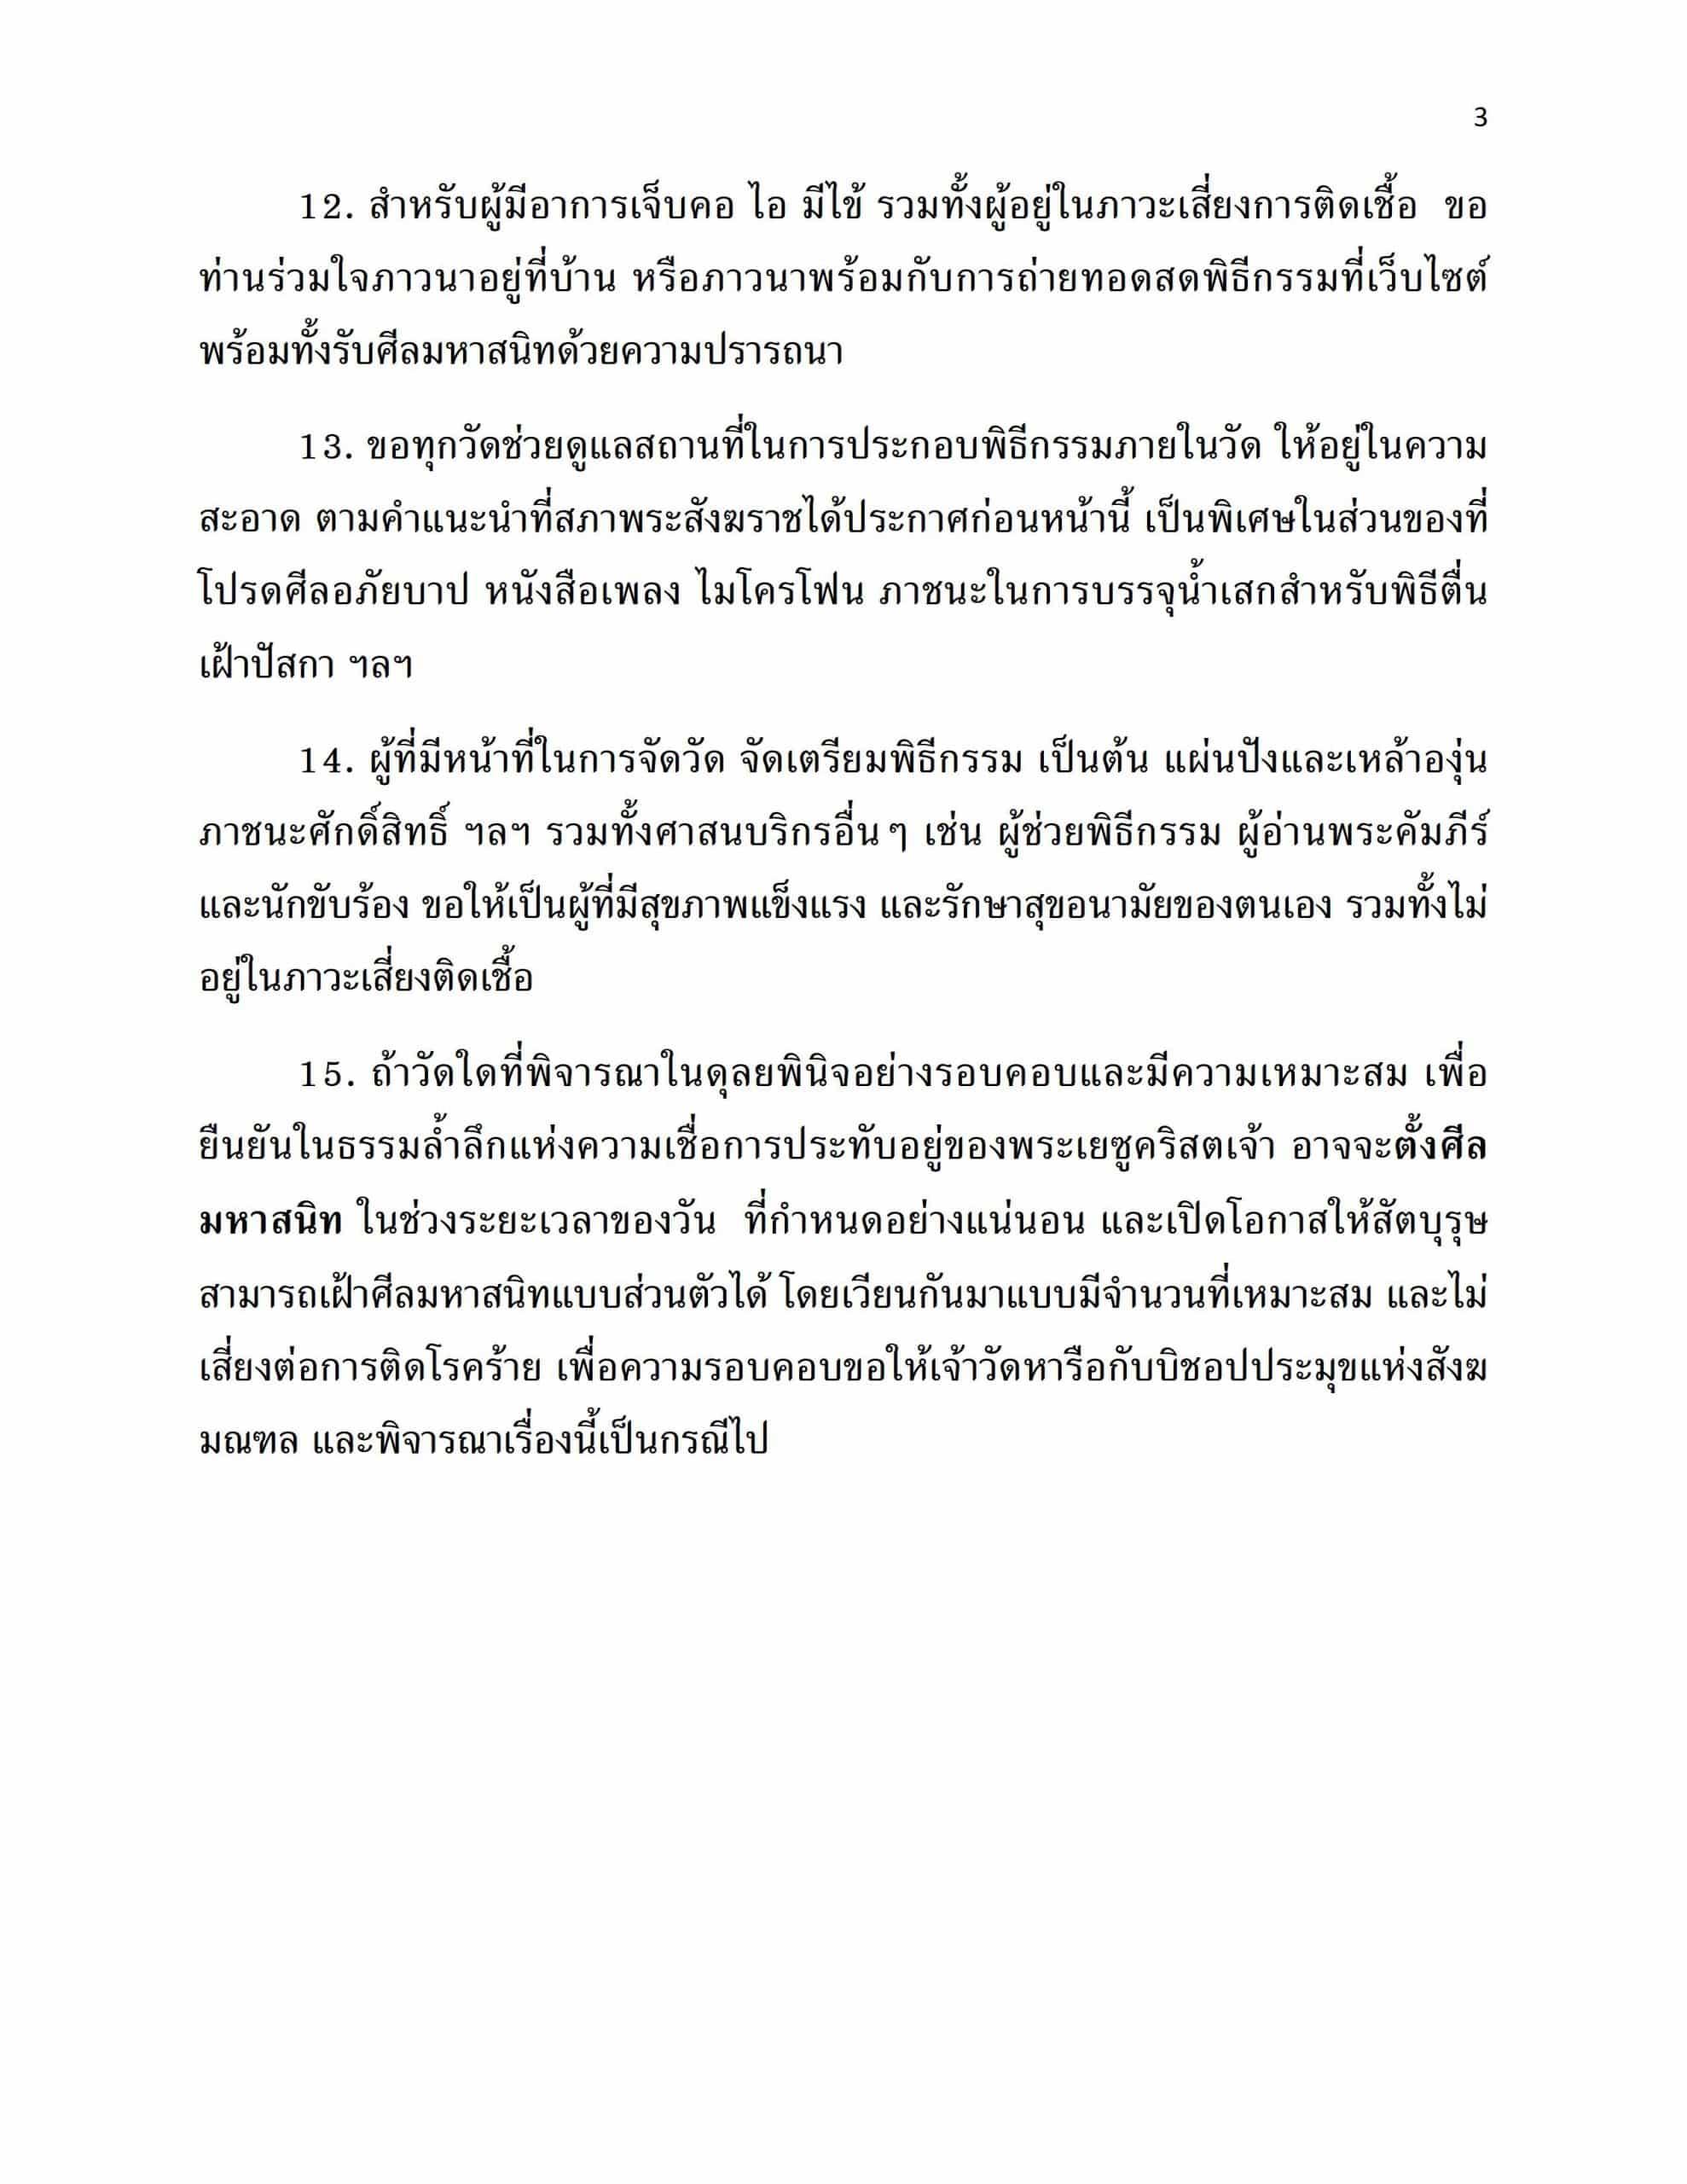 สาสน์อภิบาล เลขที่ สสท. 032-2020 (6)